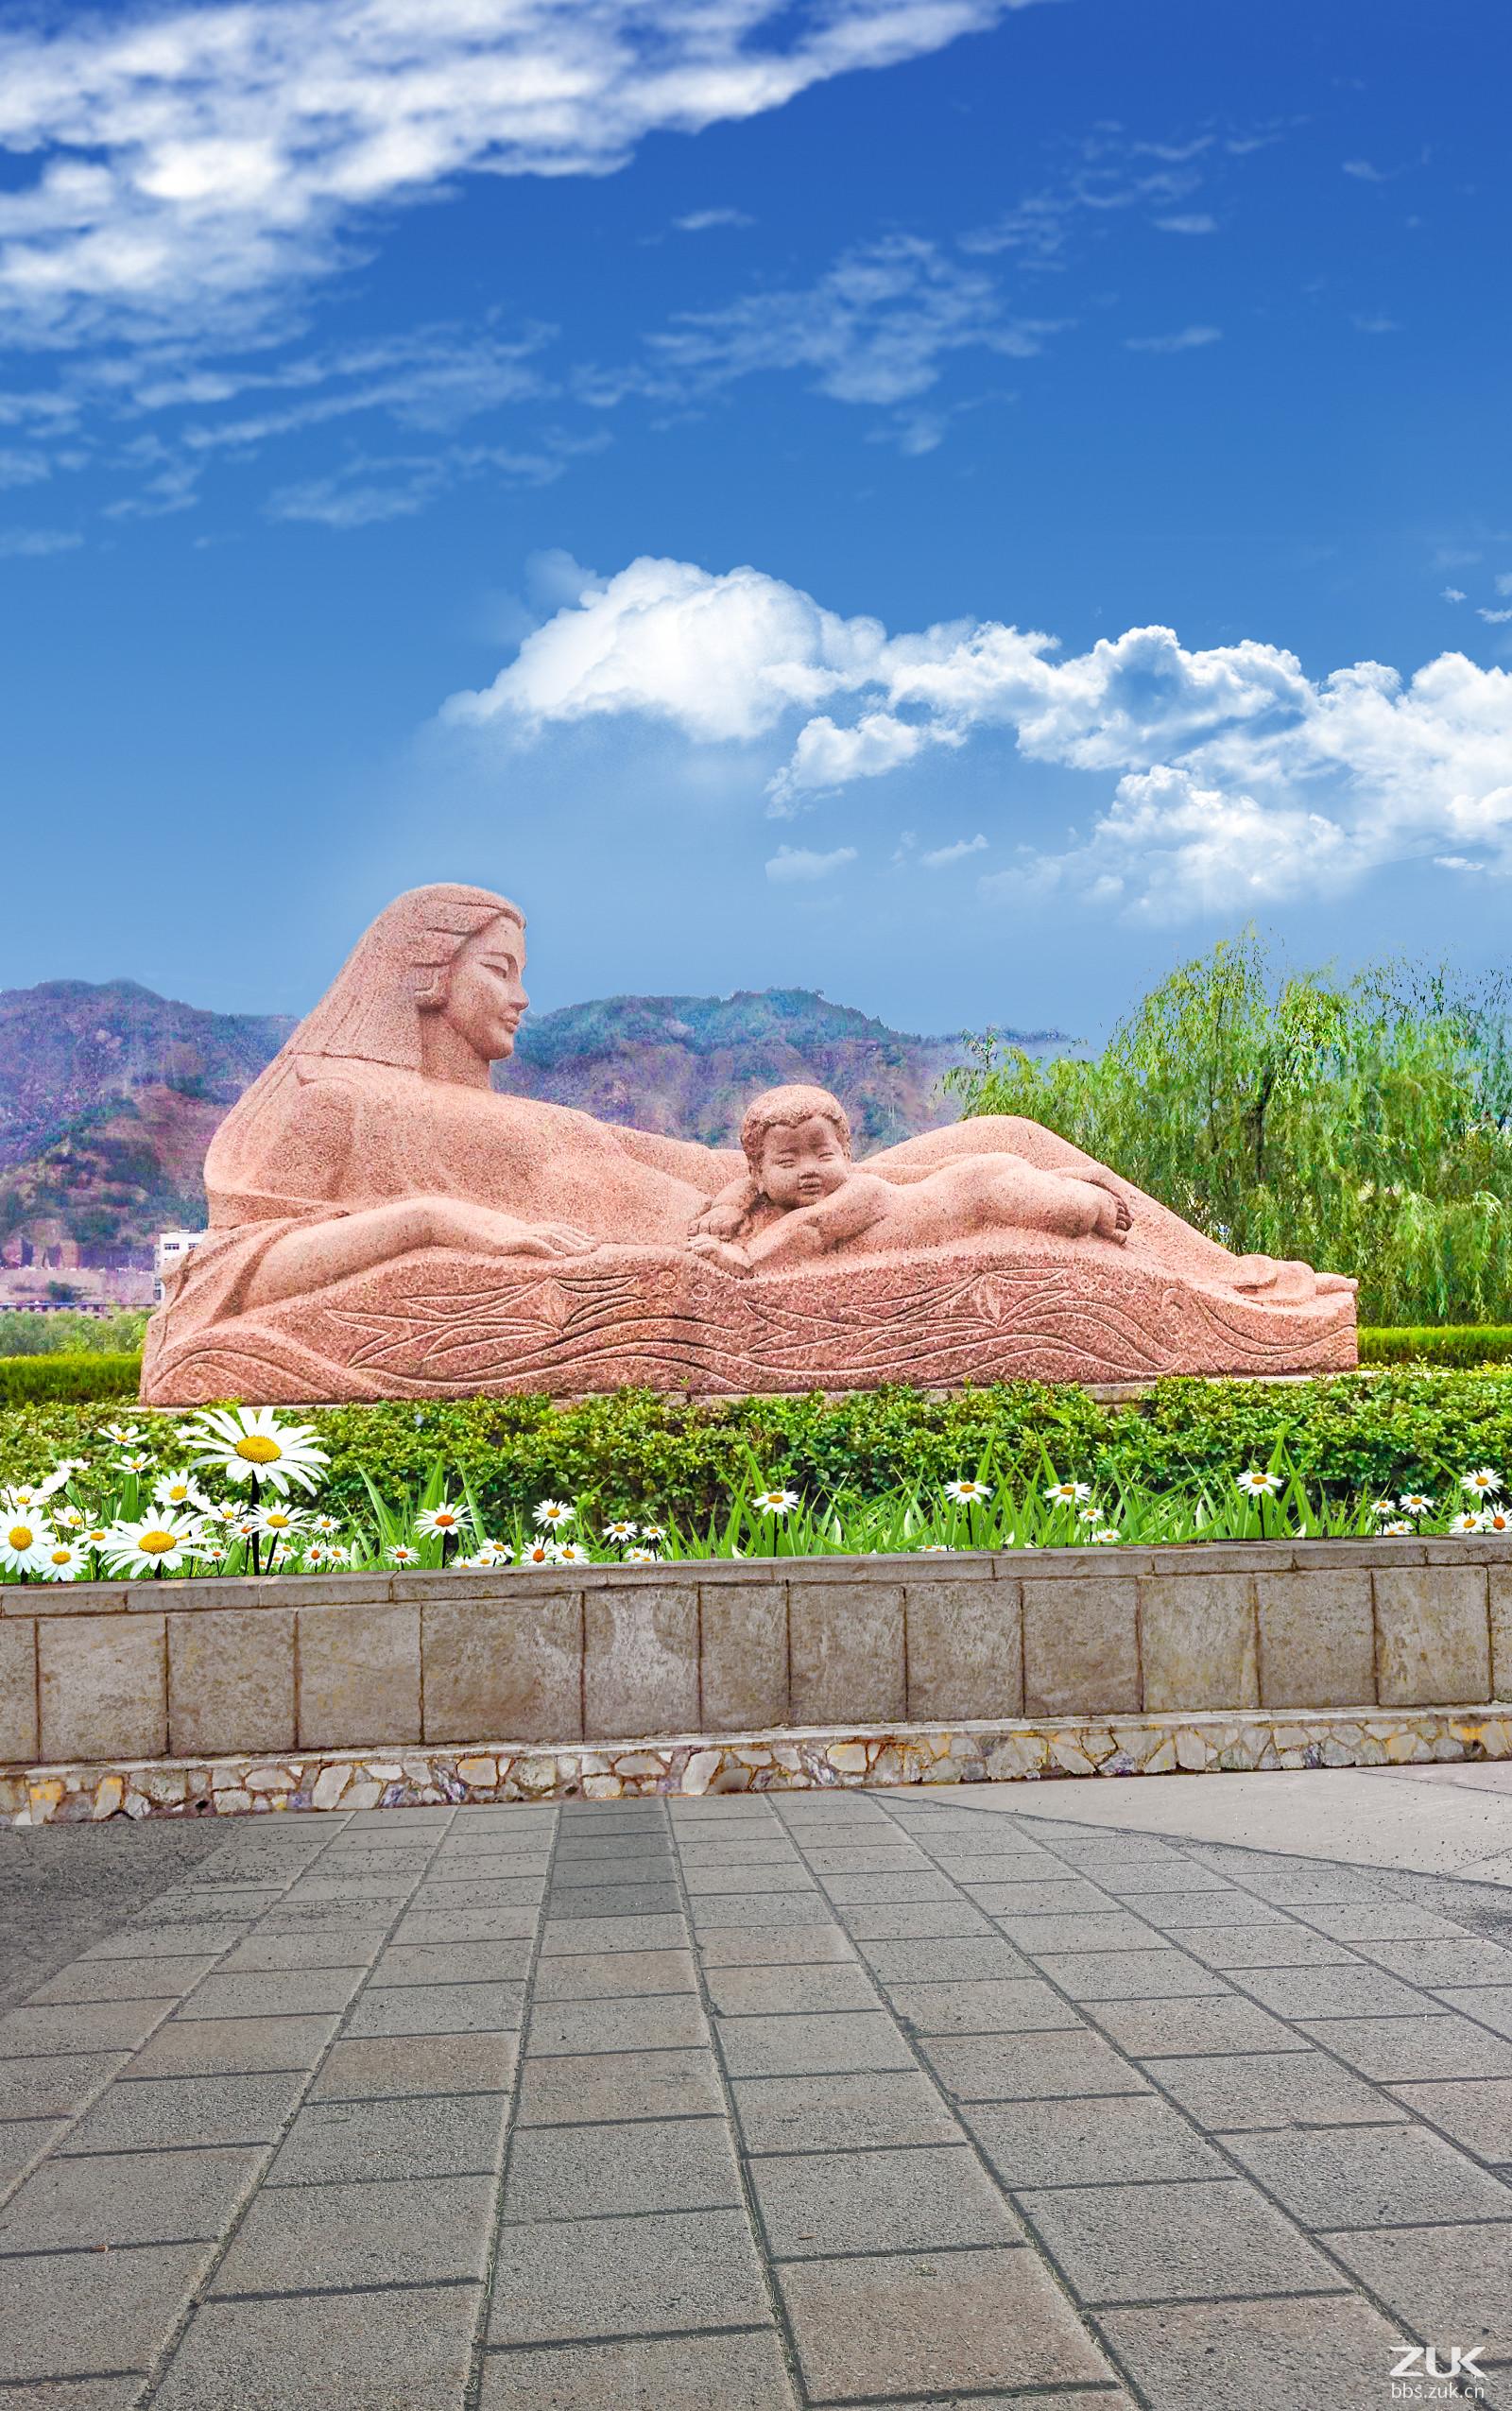 【zui最美家乡】甘肃兰州黄河母亲雕塑